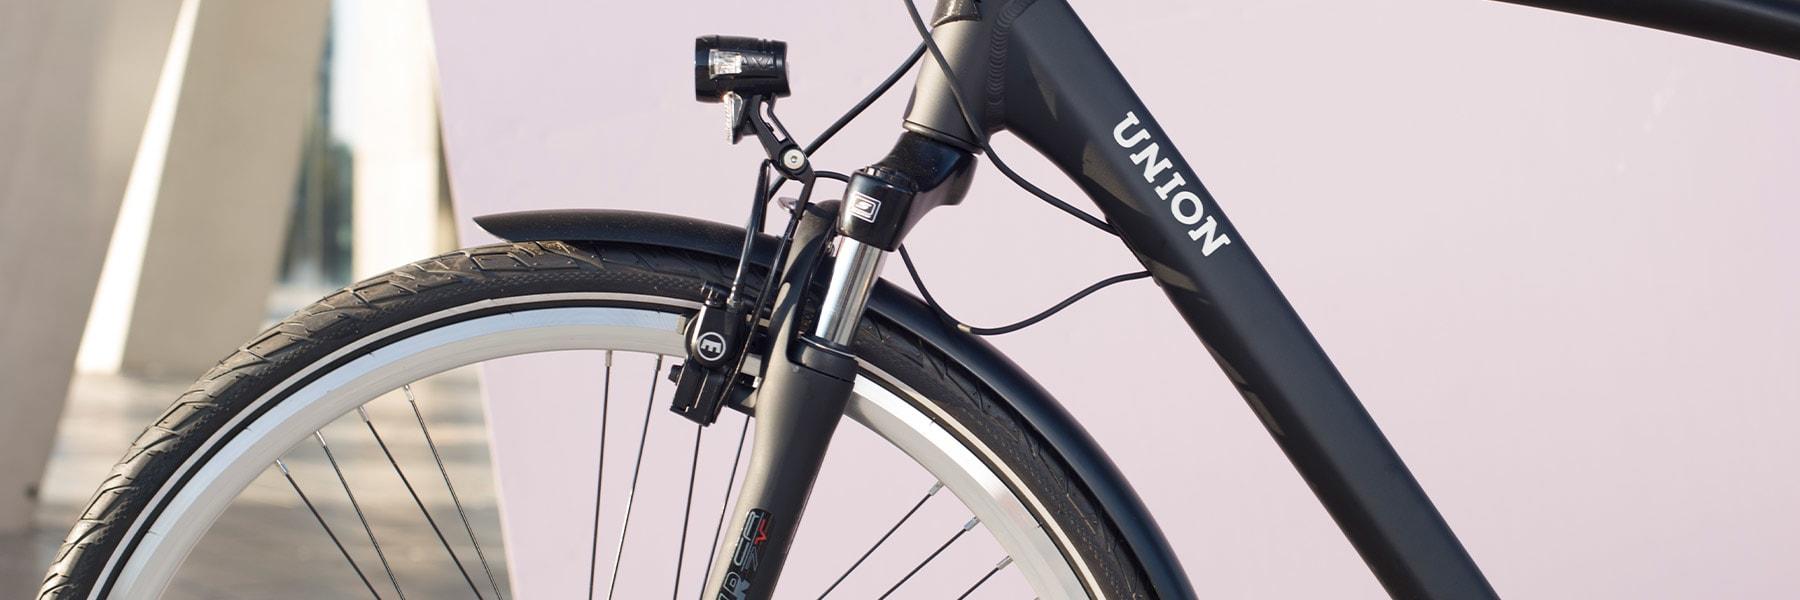 Zo bepaal je de juiste bandenspanning van je fiets